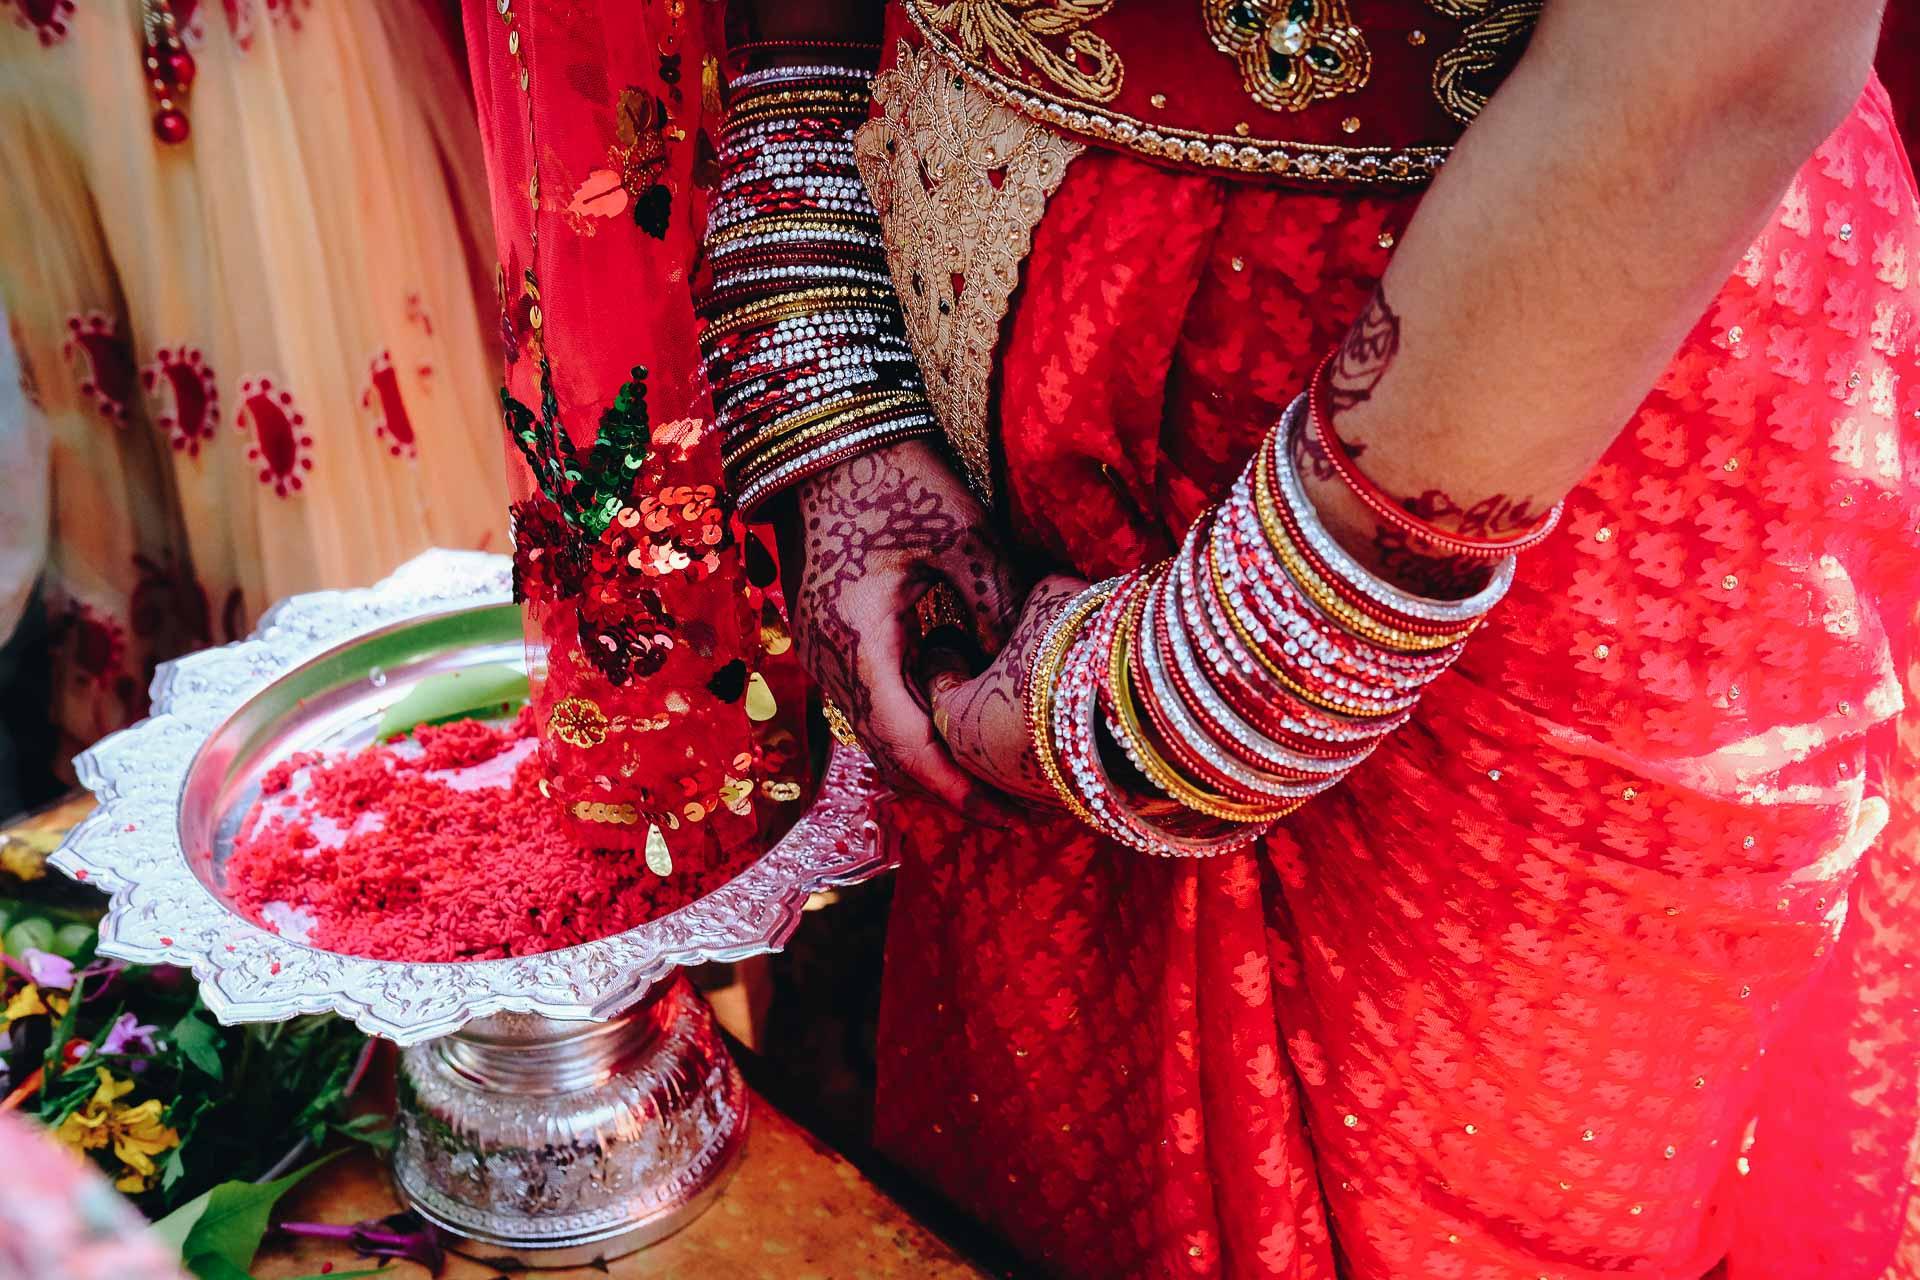 Asmita & Narayan - Lors de mon voyage d'un mois et demi au Népal, lors d'un trajet en bus de 8h entre Kathmandu et Pokara, je rencontre un monsieur, mon voisin de voyage et voilà que le lendemain je me retrouve parachuté sur une colline en plein milieu de la campagne en train de couvrir le mariage de sa nièce Asmita… Belle rencontre n'est-ce pas?Expérience très intéressante et riche, peu de personnes parlent anglais, et moi qui ne parle pas le Népalais je réussis à communiquer et à me connecter avec les Népalais qui sont chaleureux et expressifs. Finalement le regard, le sourire, tout ce qui est non verbal est beaucoup plus expressif que la parole.Quelle chance de pouvoir couvrir un mariage et de découvrir une culture hindouiste tout en couleur et plein de vie. La vie est pleine de belles surprises et de rencontres quand on ouvre les bras à l'inconnu et au voyage. Meilleurs vœux de bonheur à tous les deux Asmita et Narayan.